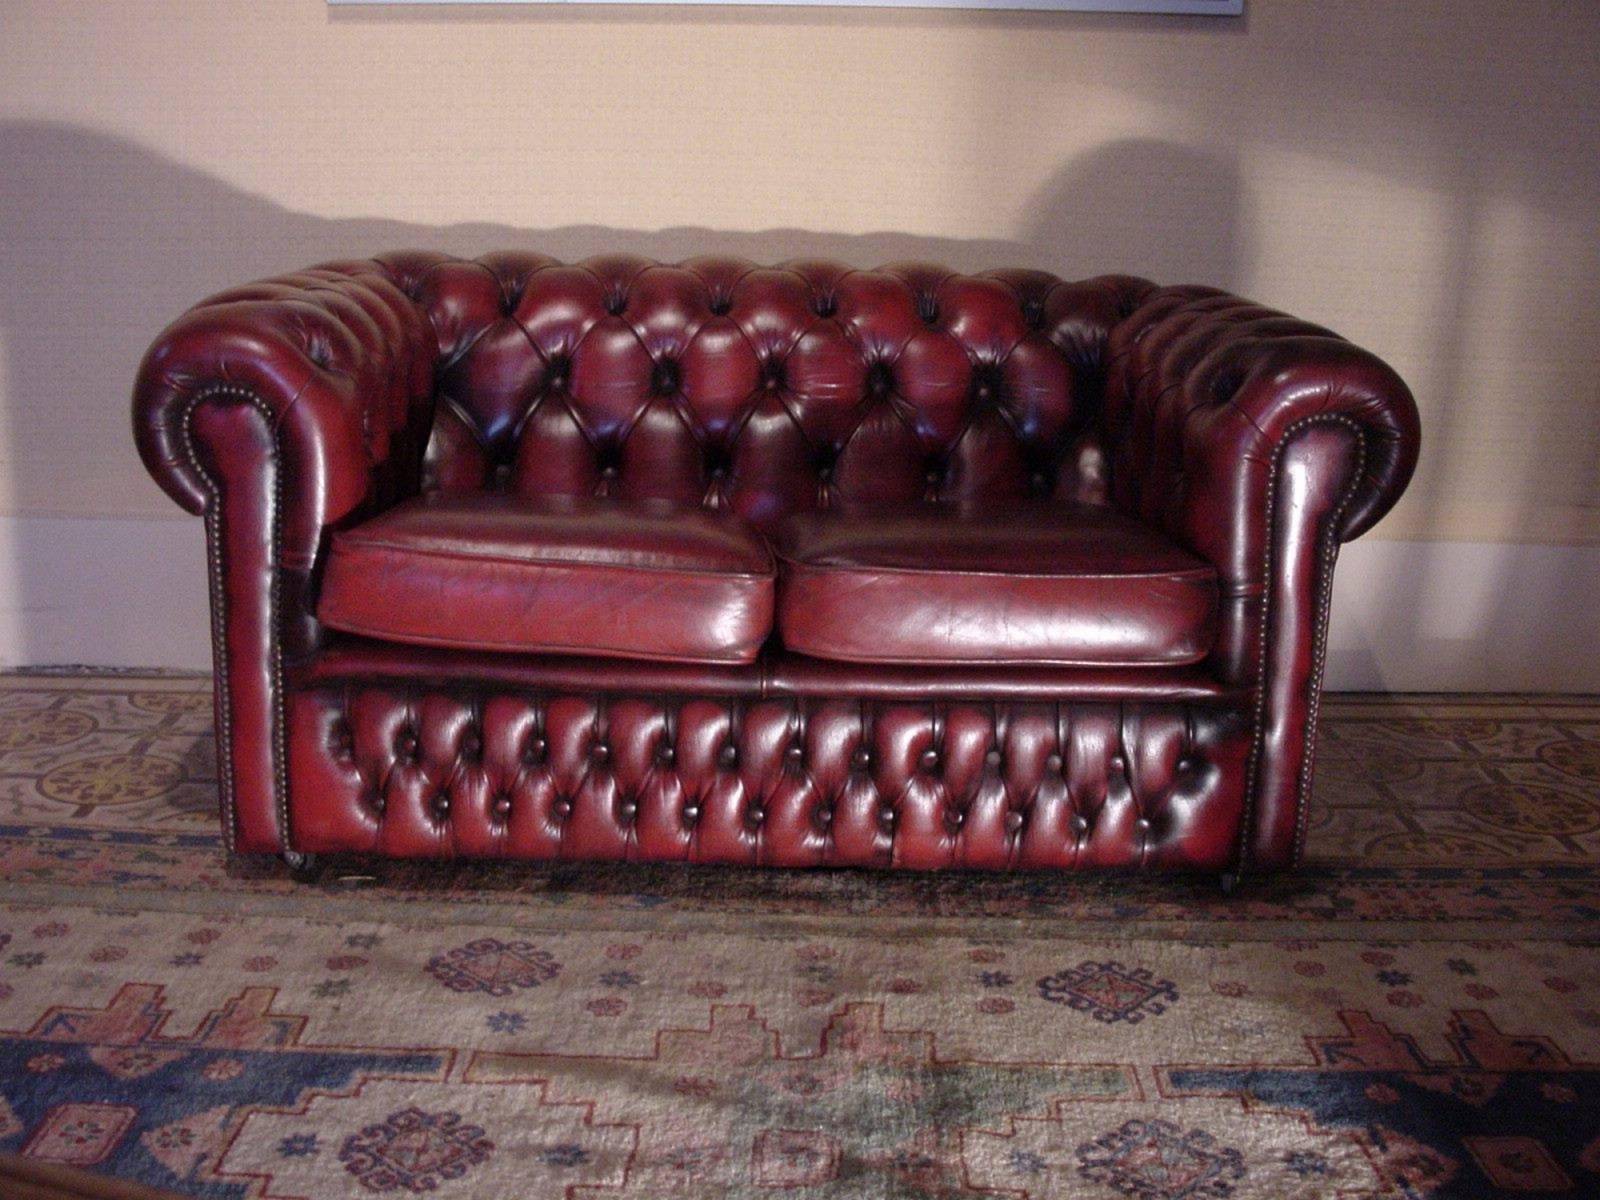 acheter un canap chesterfield cuir bordeaux deux places. Black Bedroom Furniture Sets. Home Design Ideas